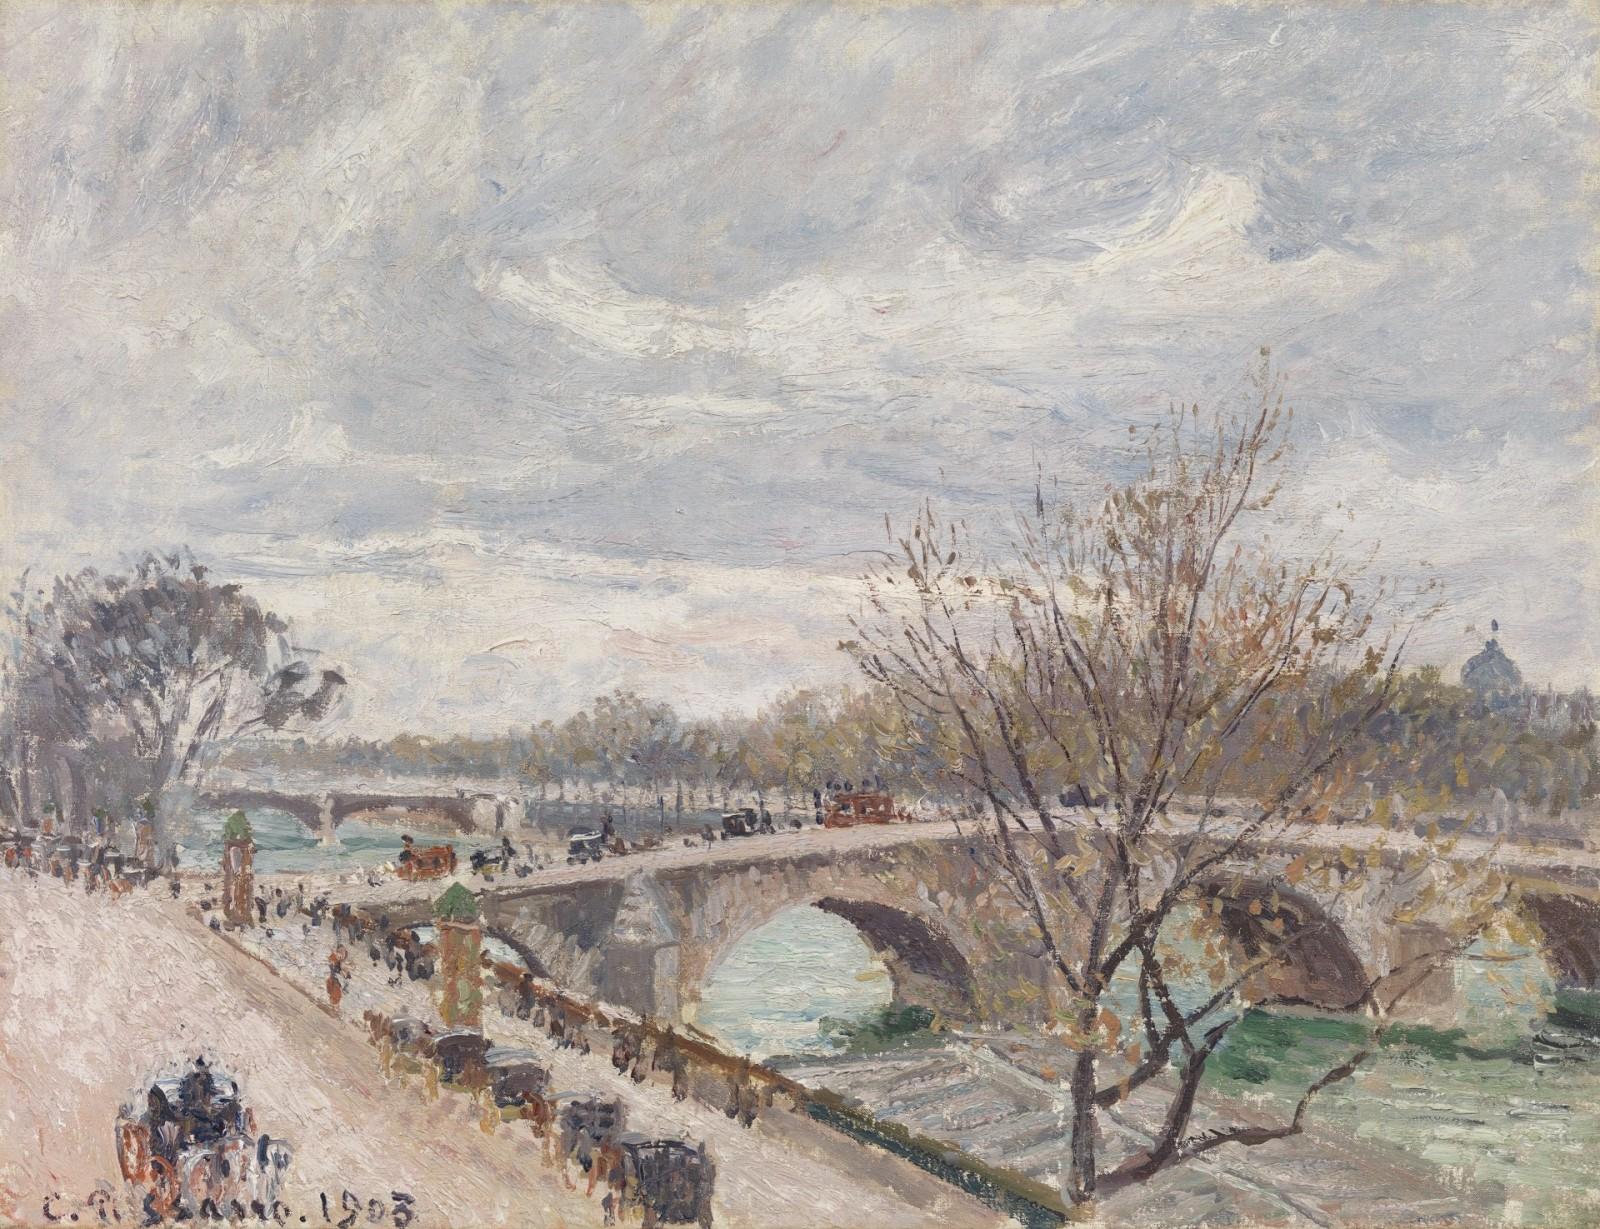 Camille Pissarro - Le Pont-Royal, après-midi, temps couvert, 4e série